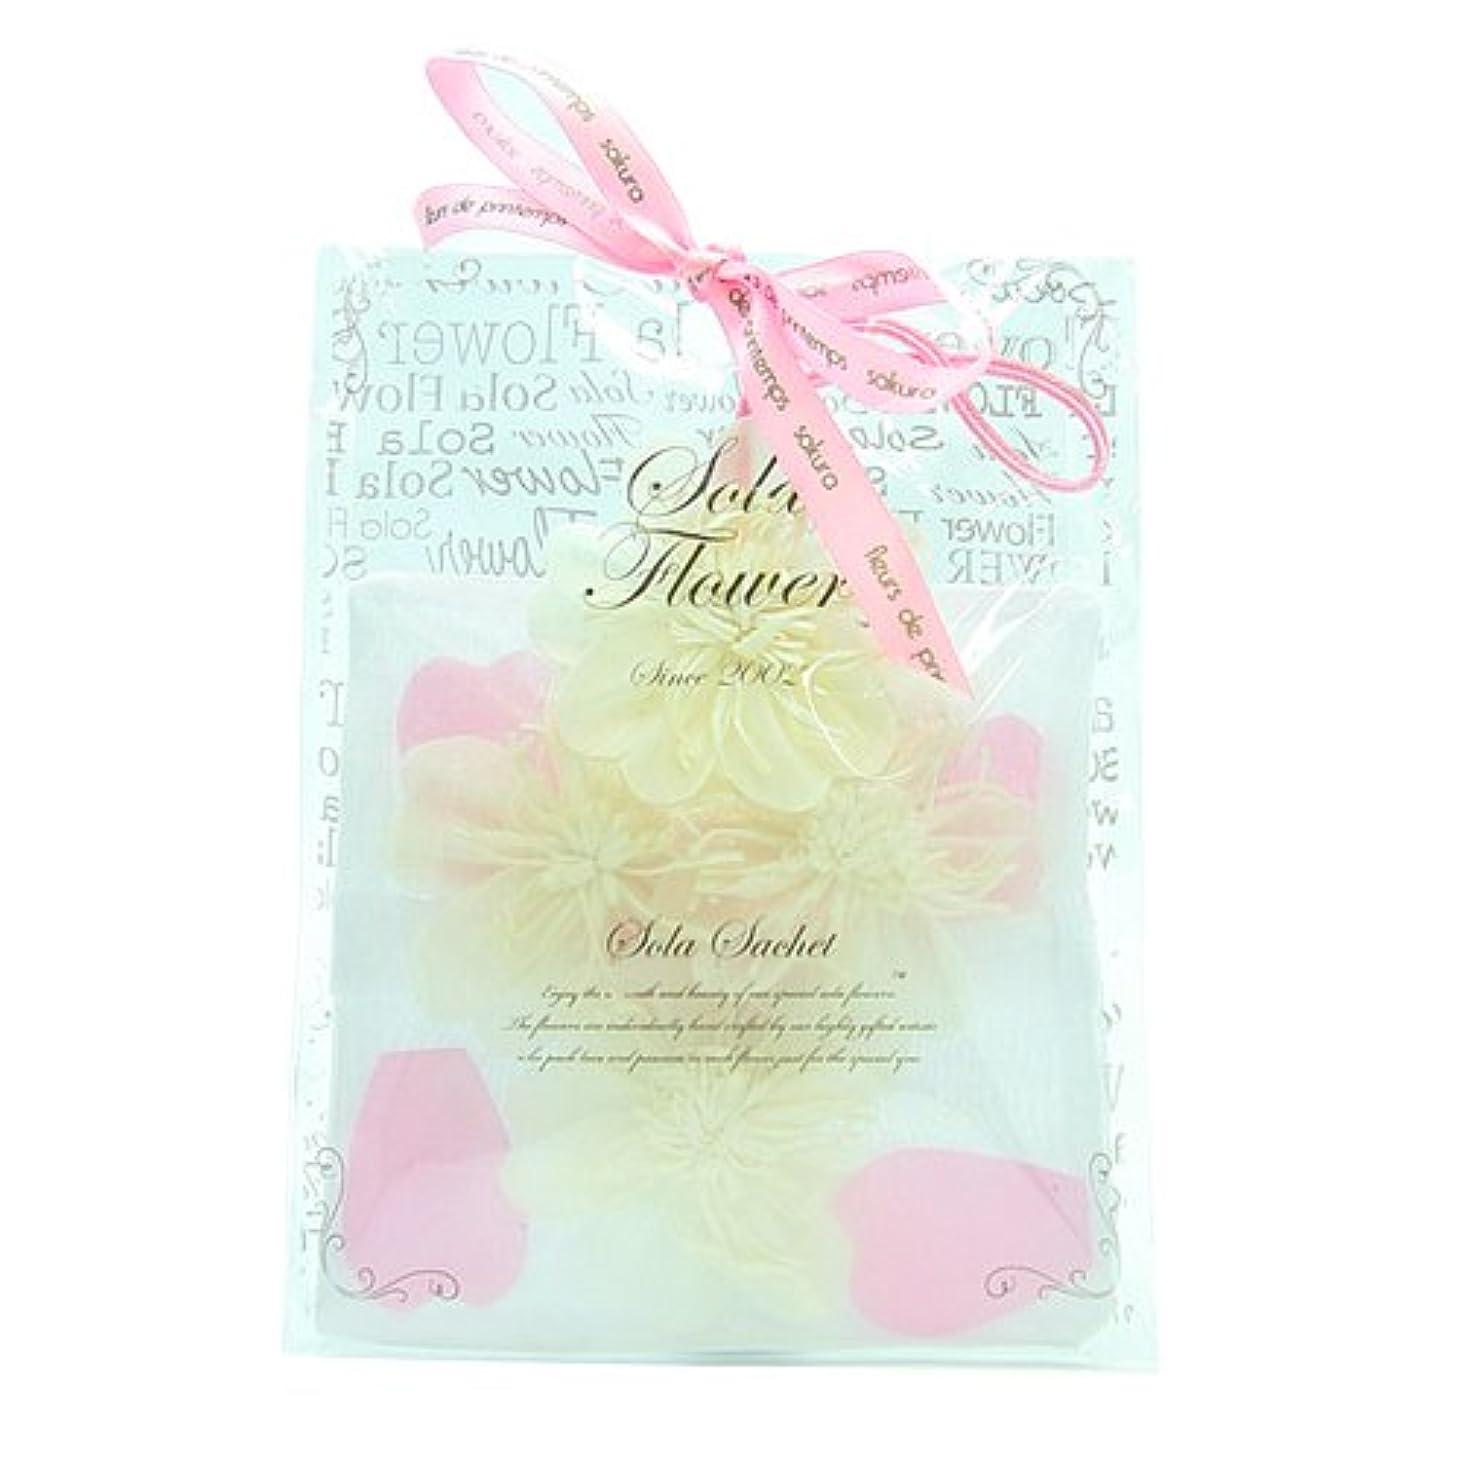 宣言する気づくびっくりfleurs de printemps Sola Flower ソラフラワー サシェ 桜 サクラ SOMEIYOSHINO ソメイヨシノ